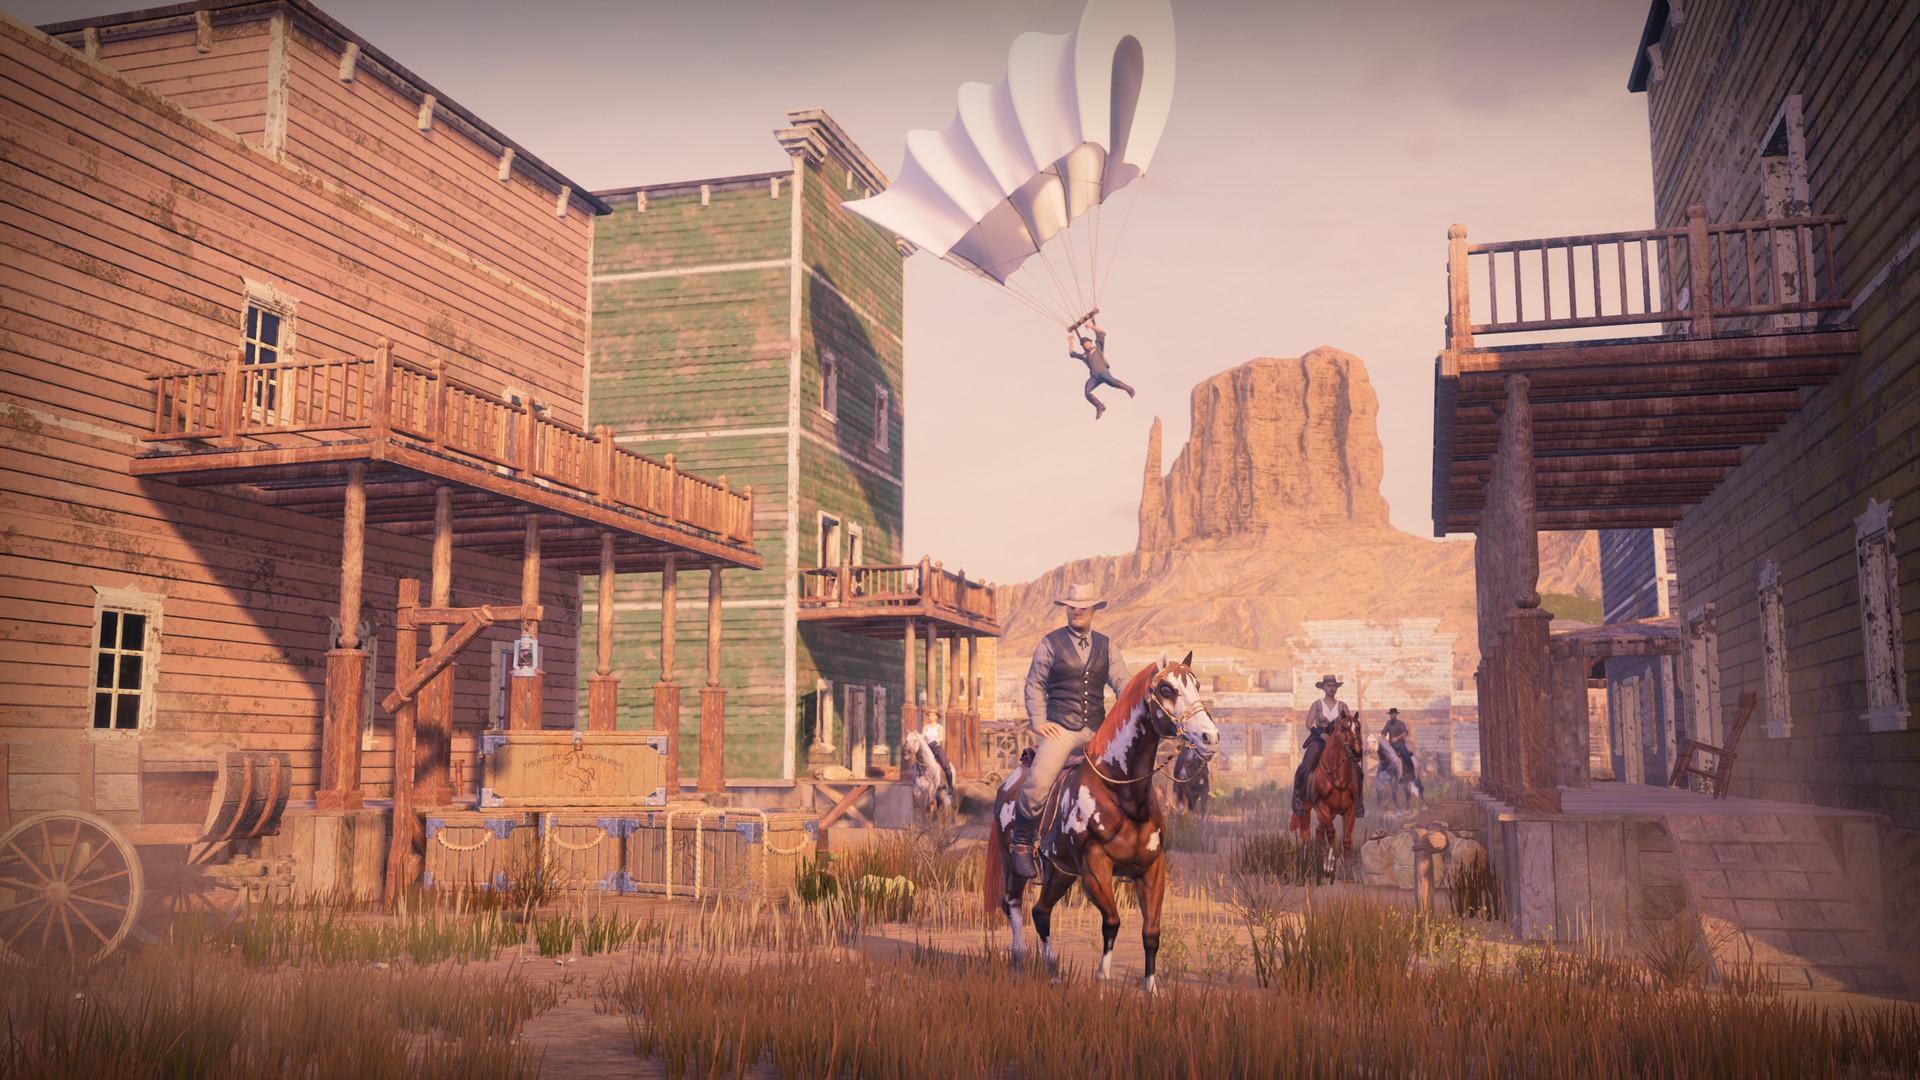 Se presenta el battle royale GRIT, ambientado en el lejano oeste que se estrenará en Steam Early Access 2